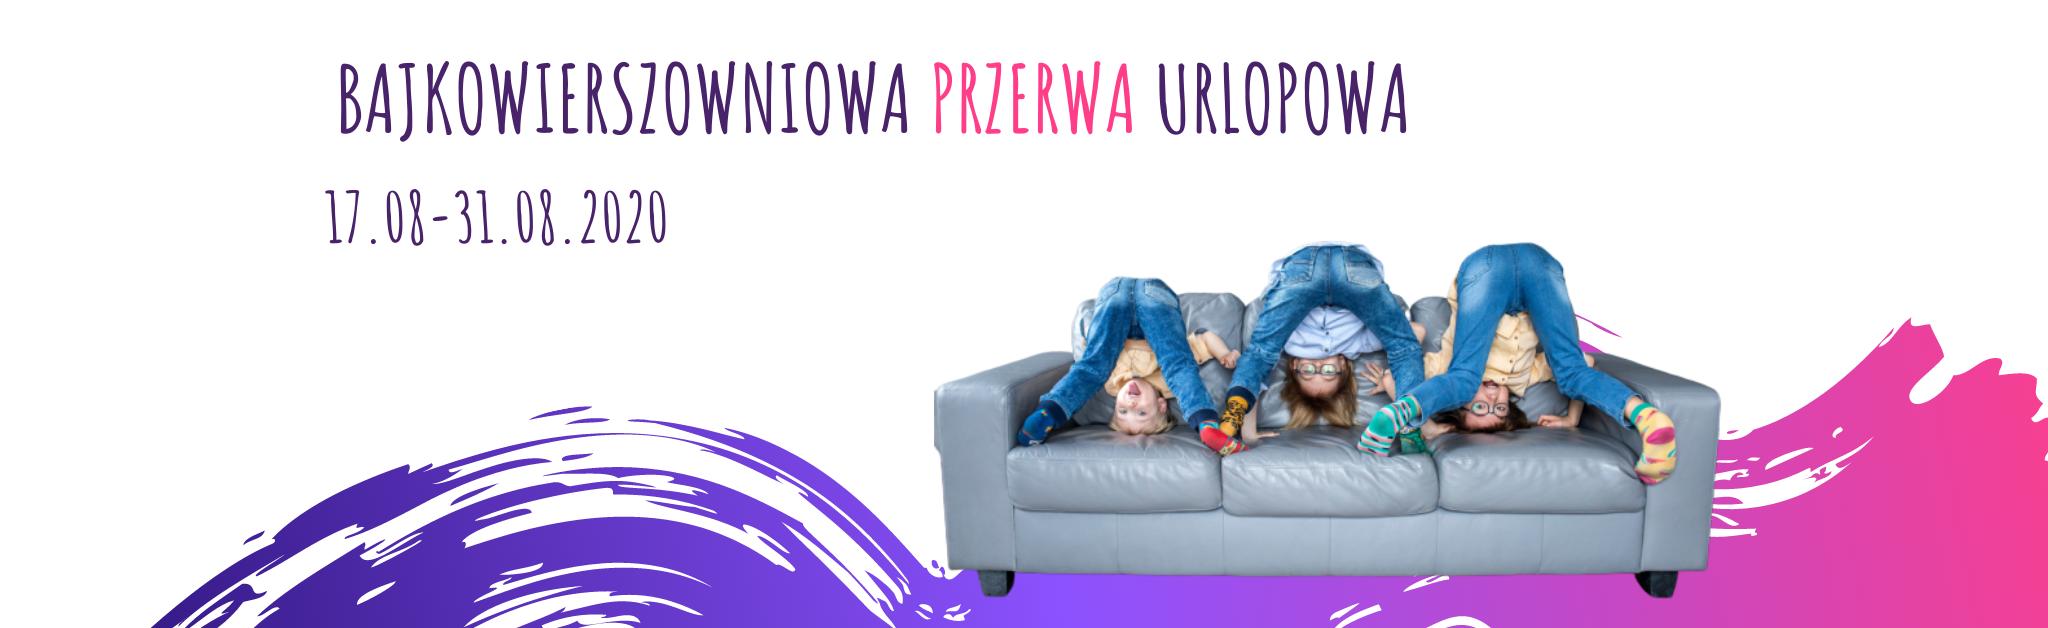 Urlop w Bajkowierszowni 17-31 sierpnia 2020